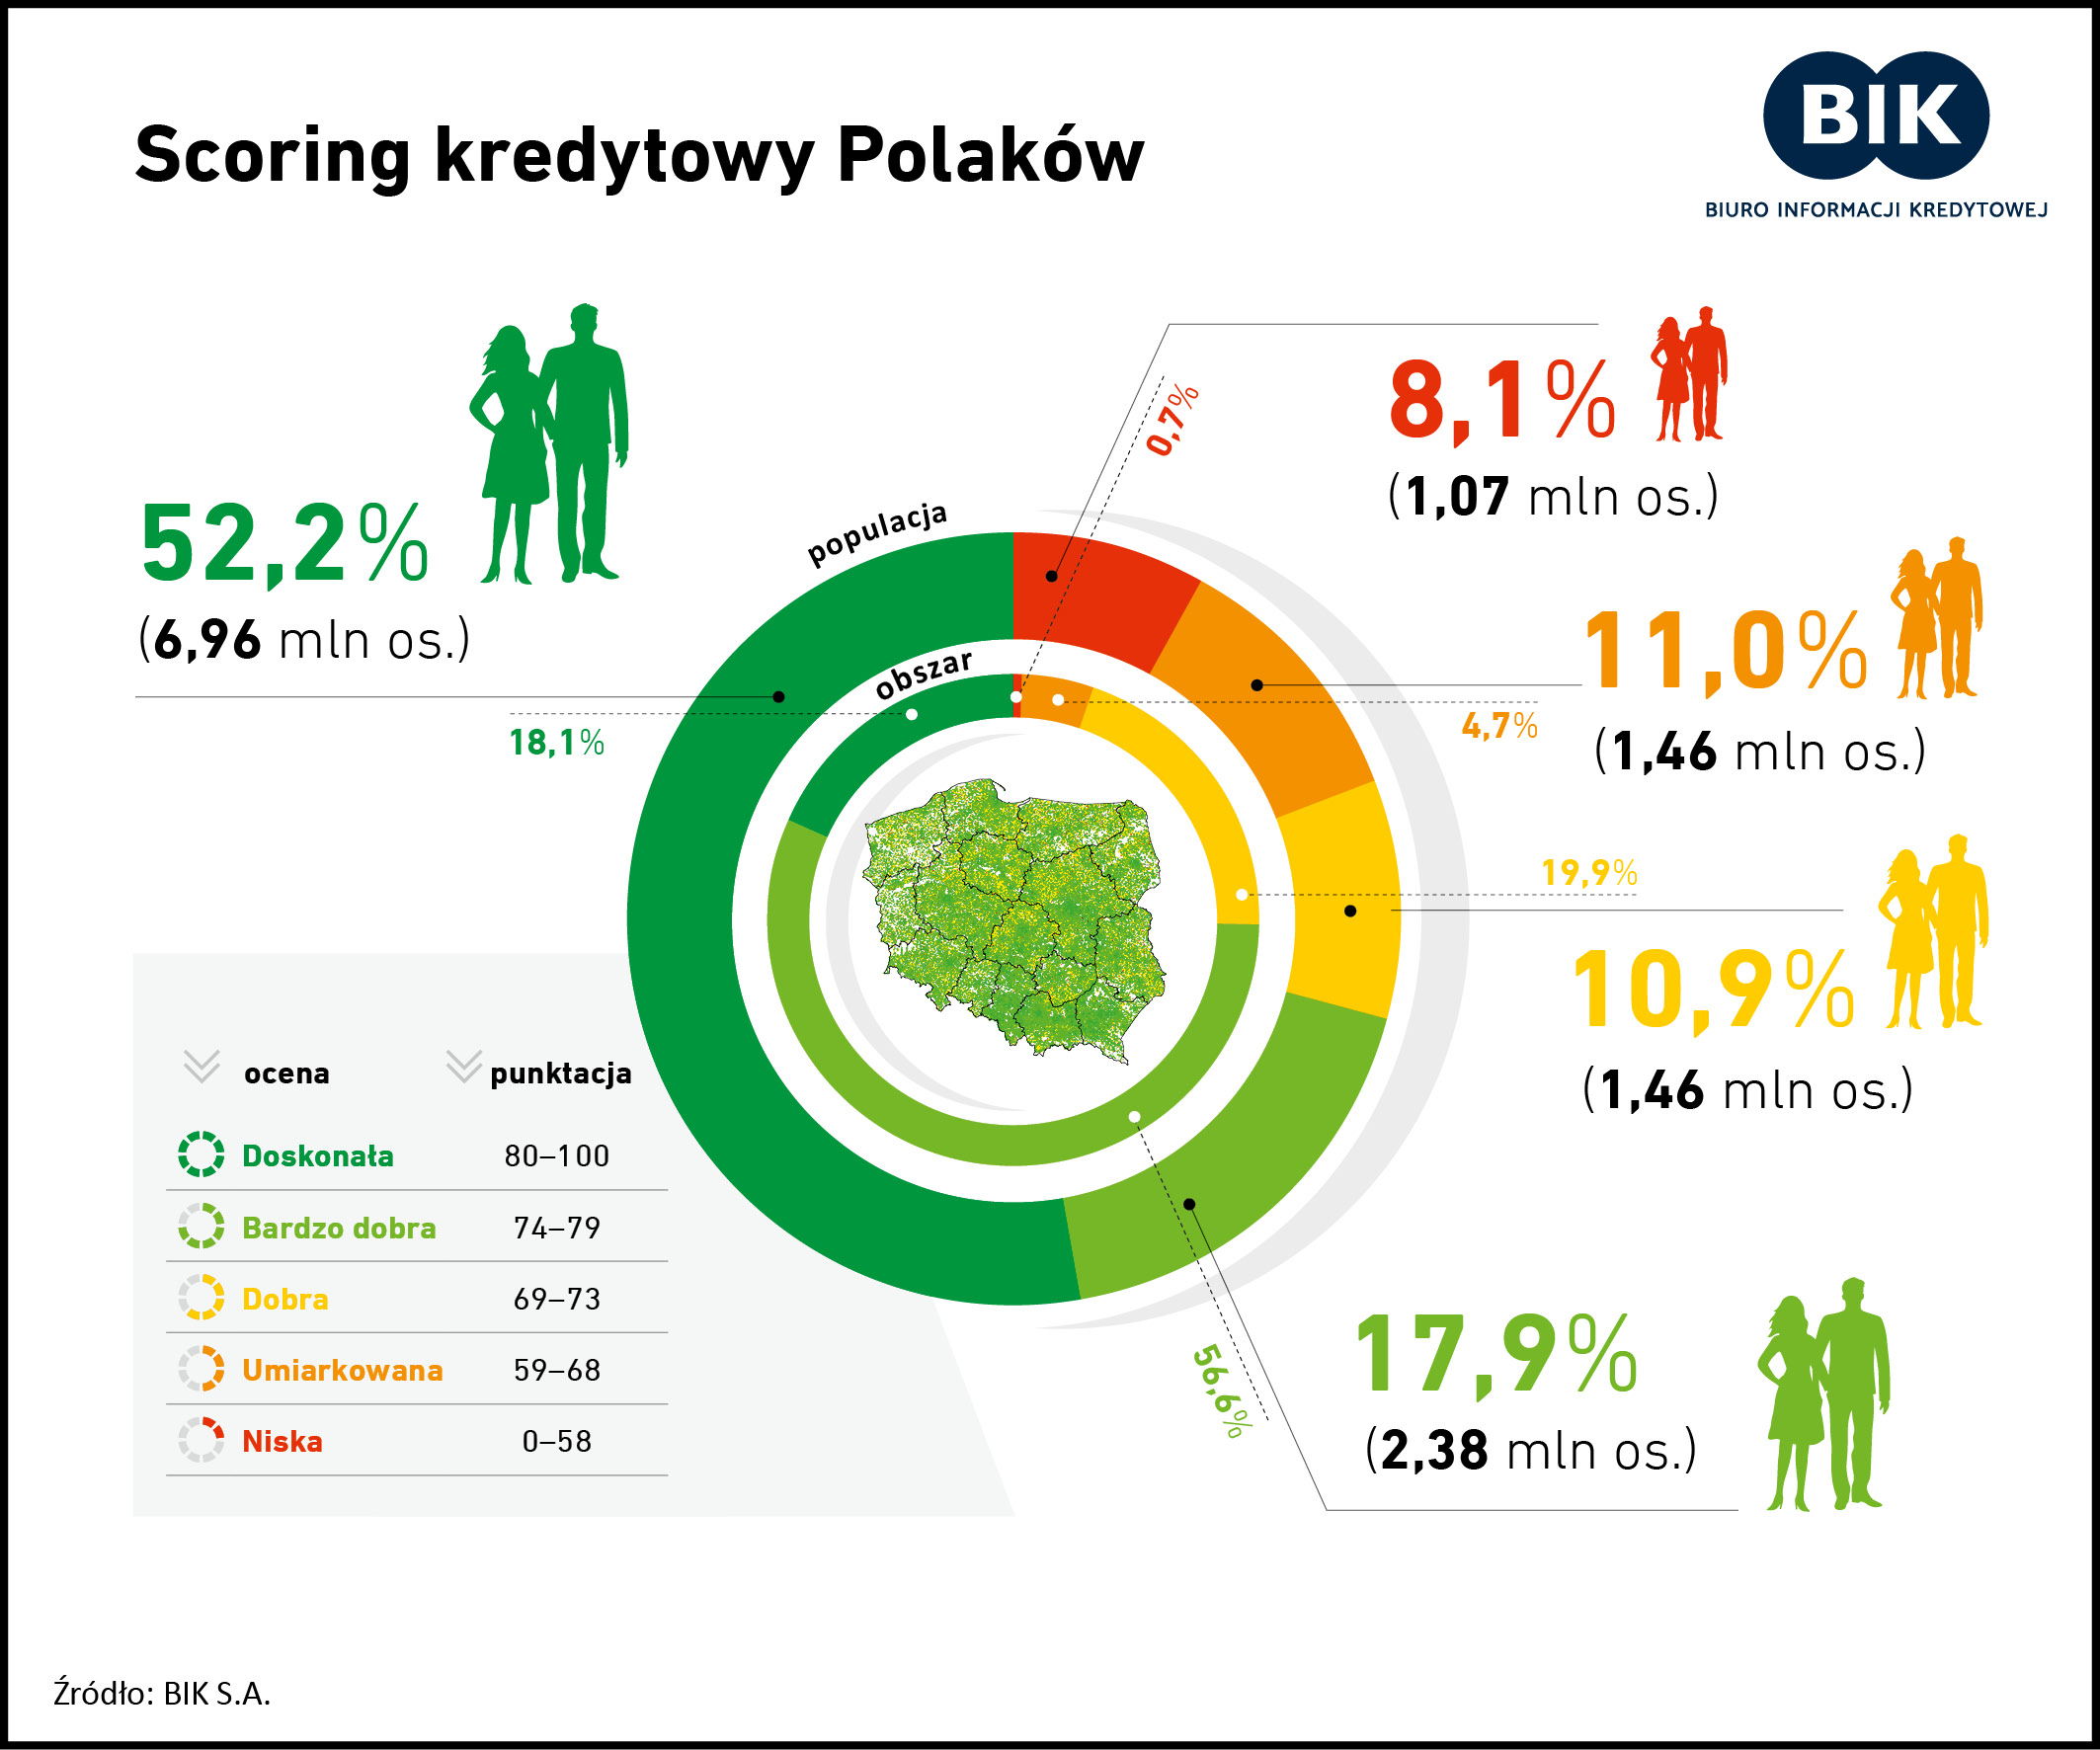 infografika przedstawiająca scoring punktowy Polaków